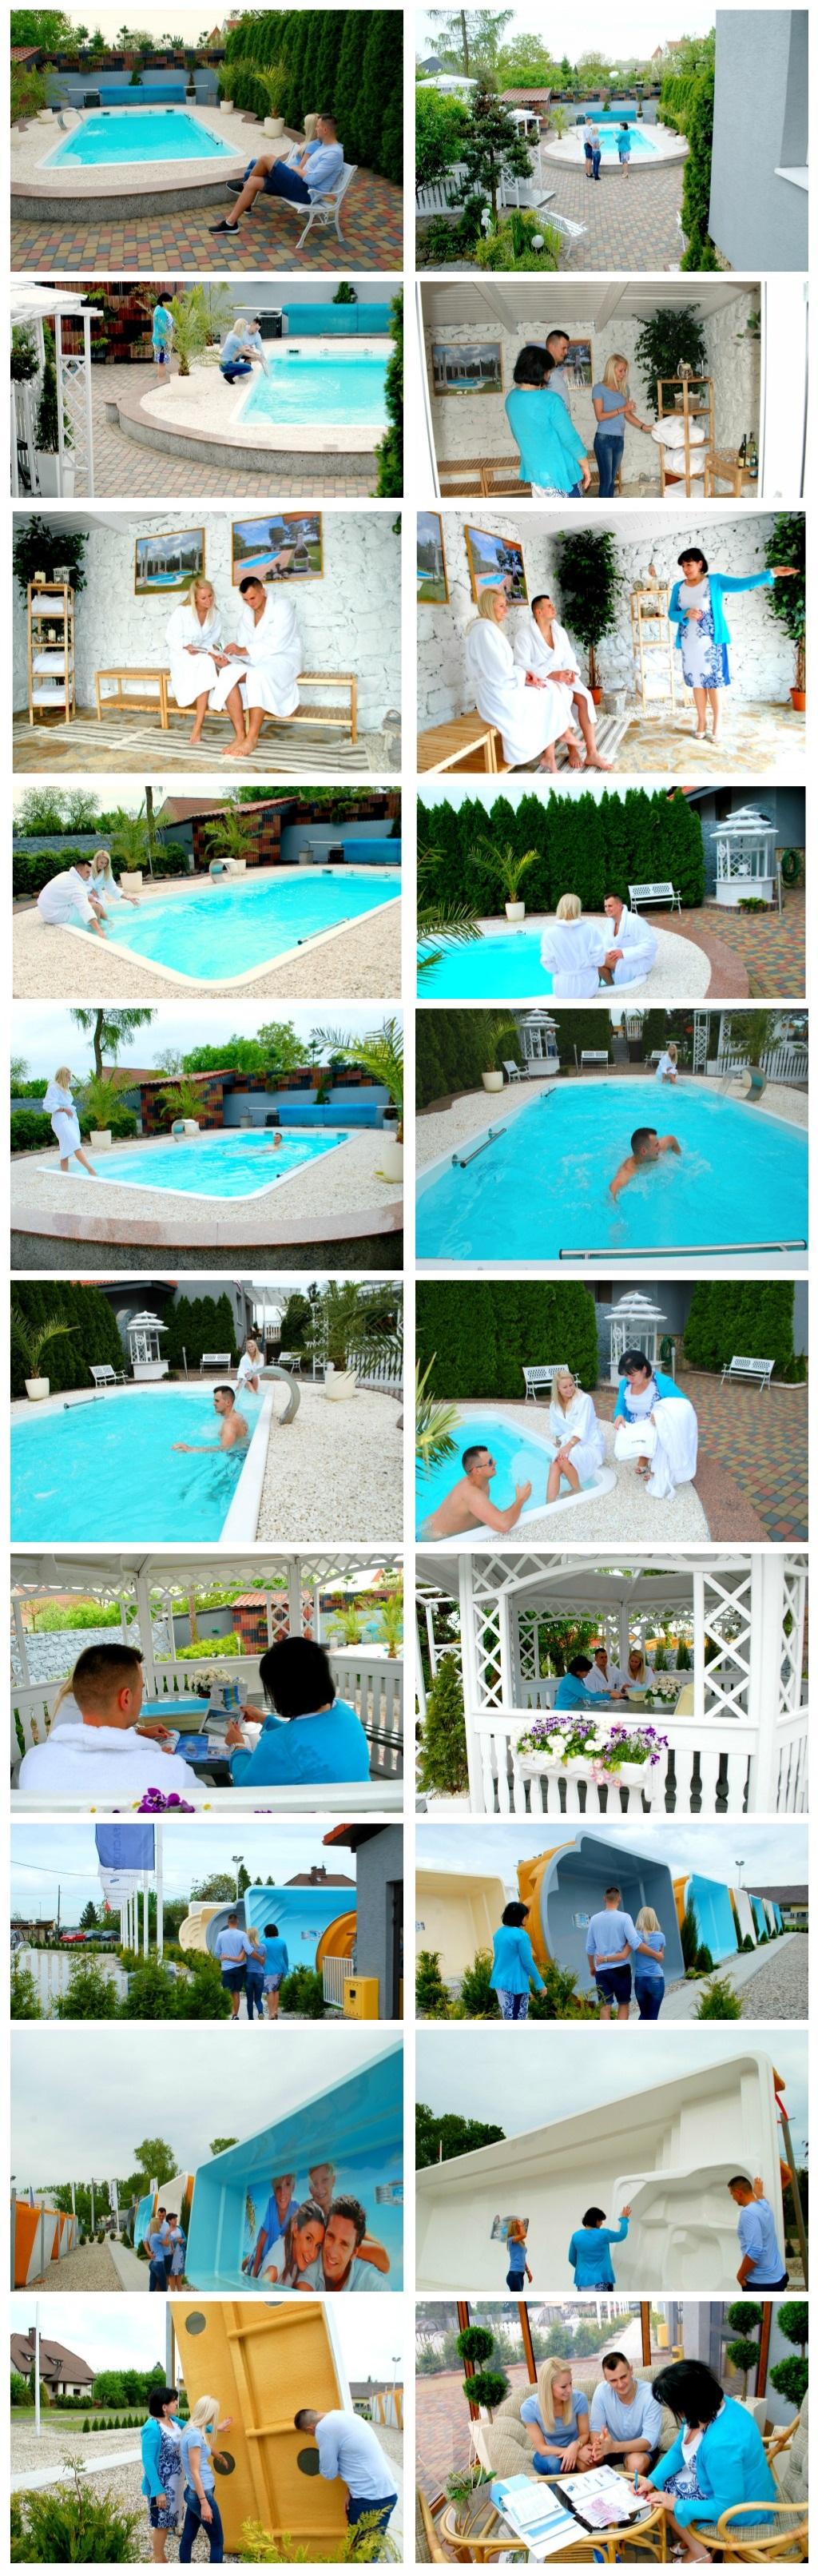 Gfk schwimmbecken ozzy 2 85x2 30x0 85 fertigbecken for Gartenpool gfk